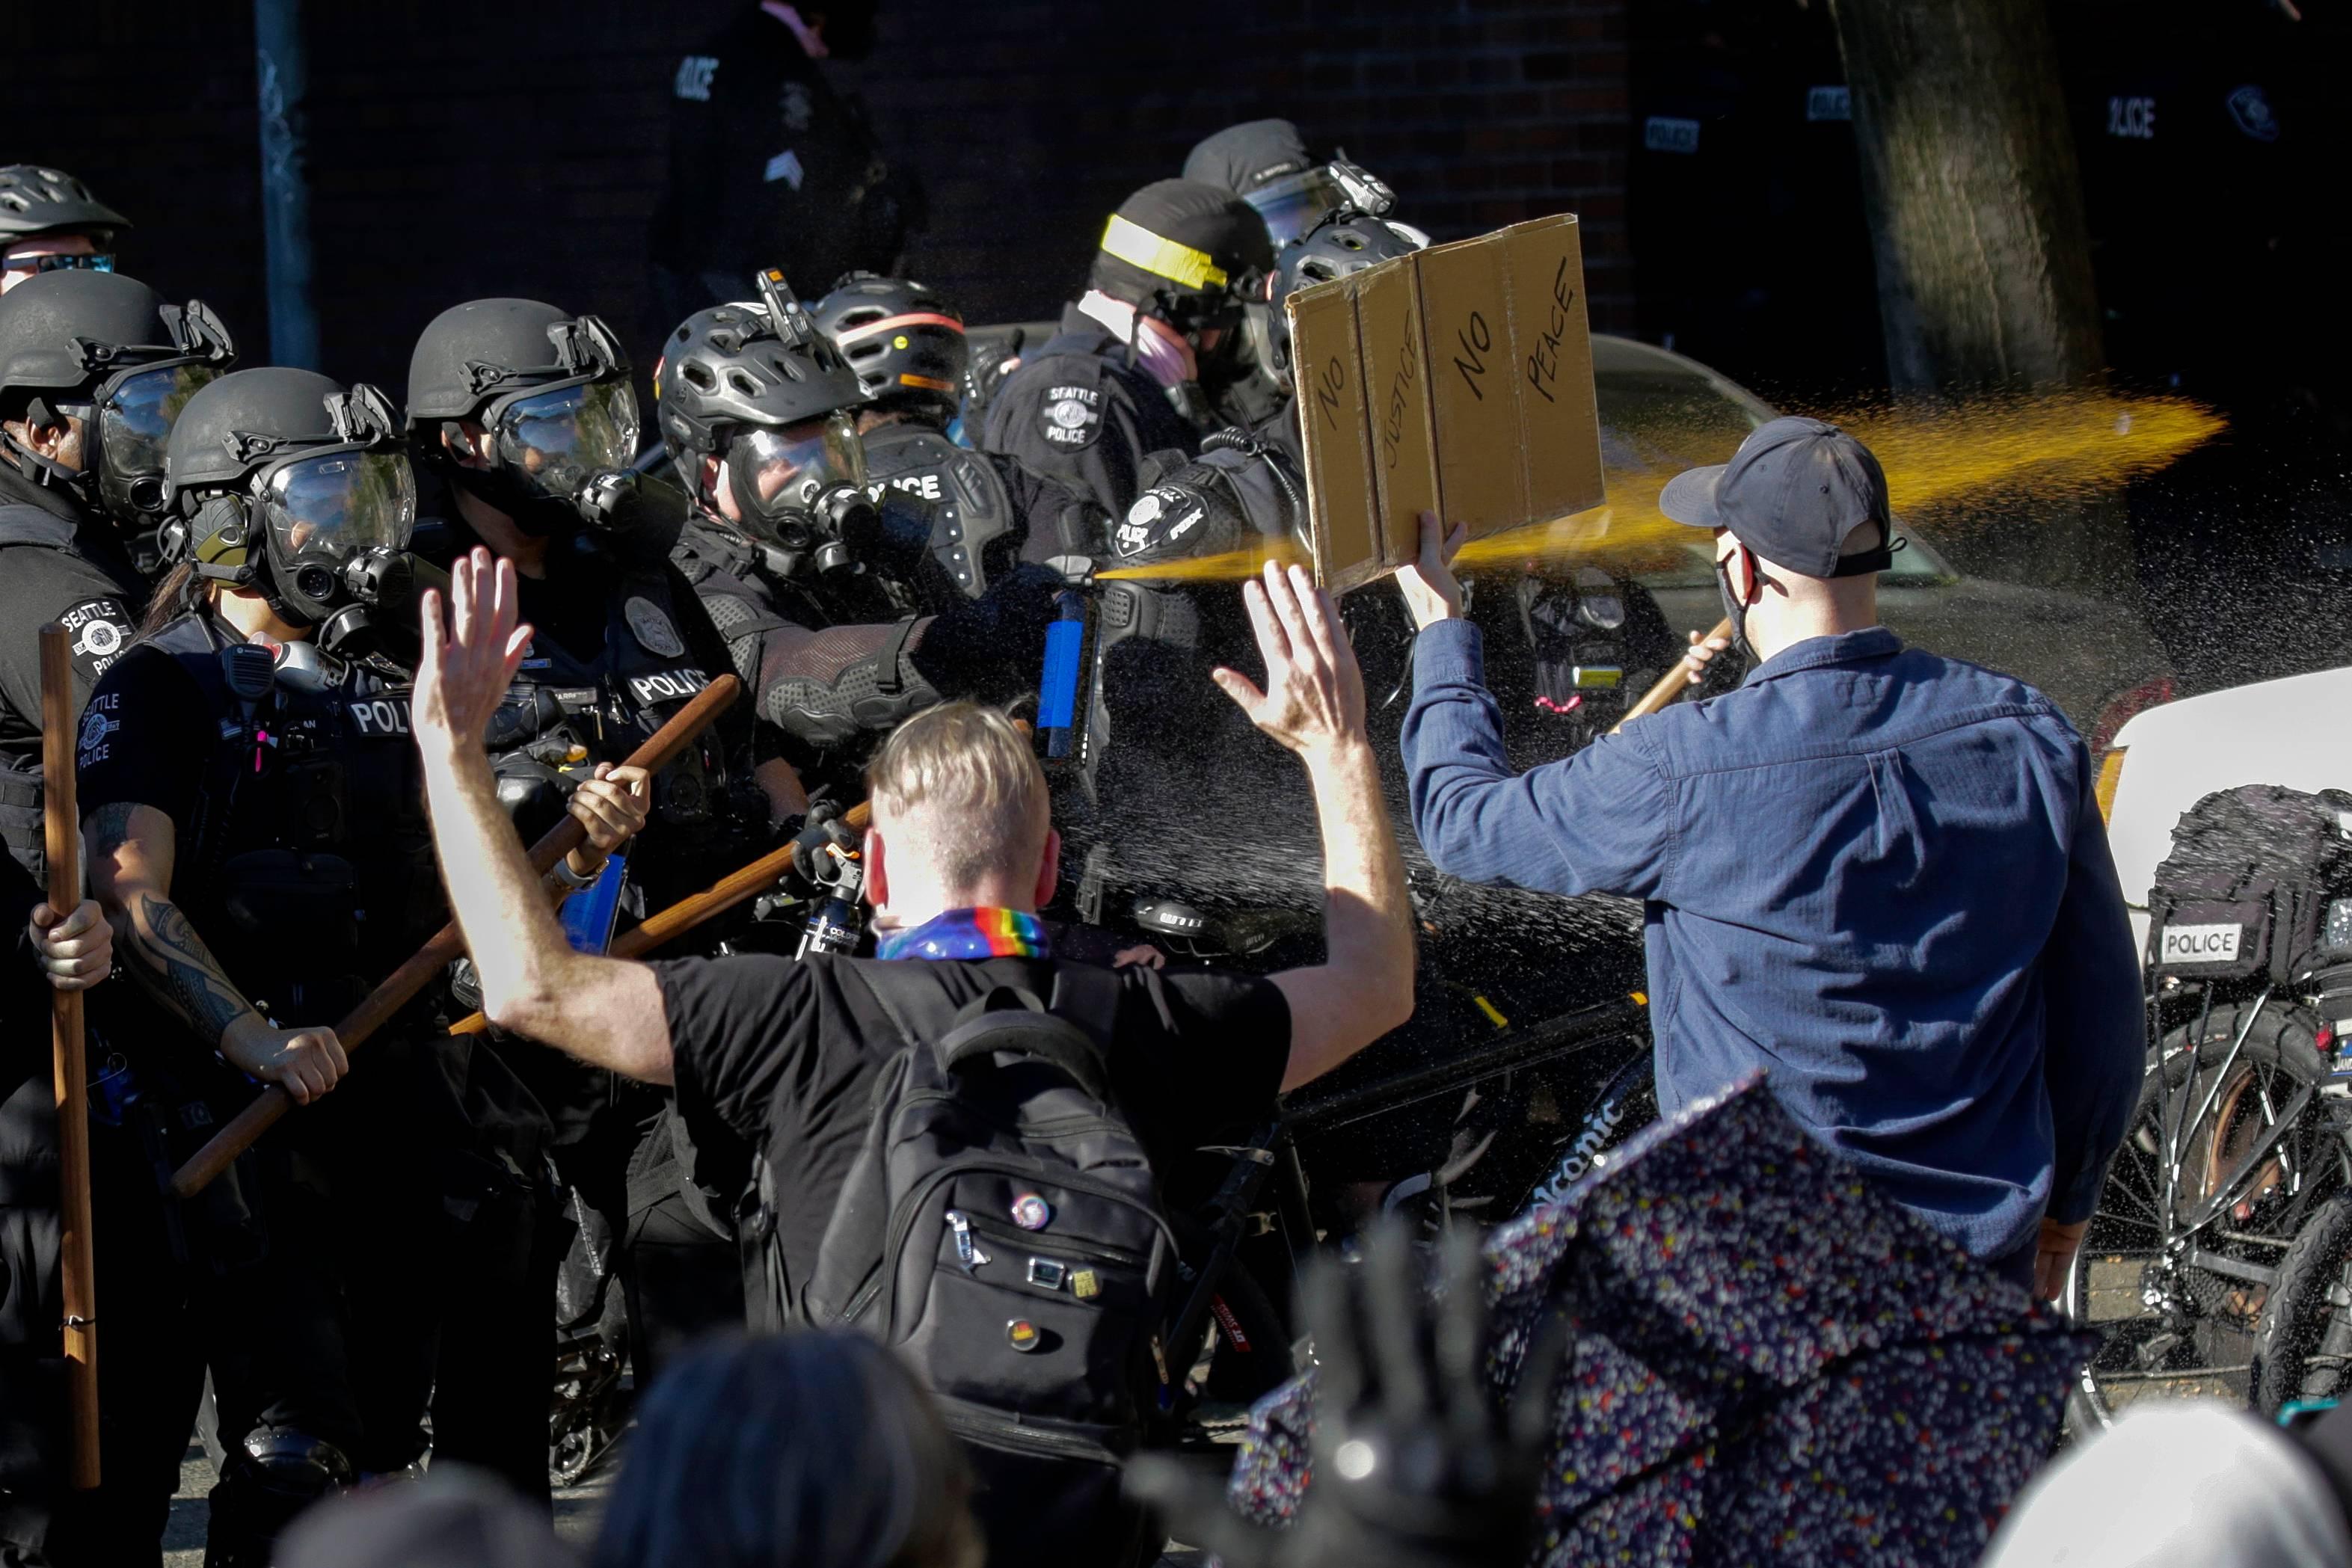 Policiais lançam spray de pimenta em manifestantes, em Seattle, em 25 de julho de 2020   Foto: Jason Redmond/ AFP